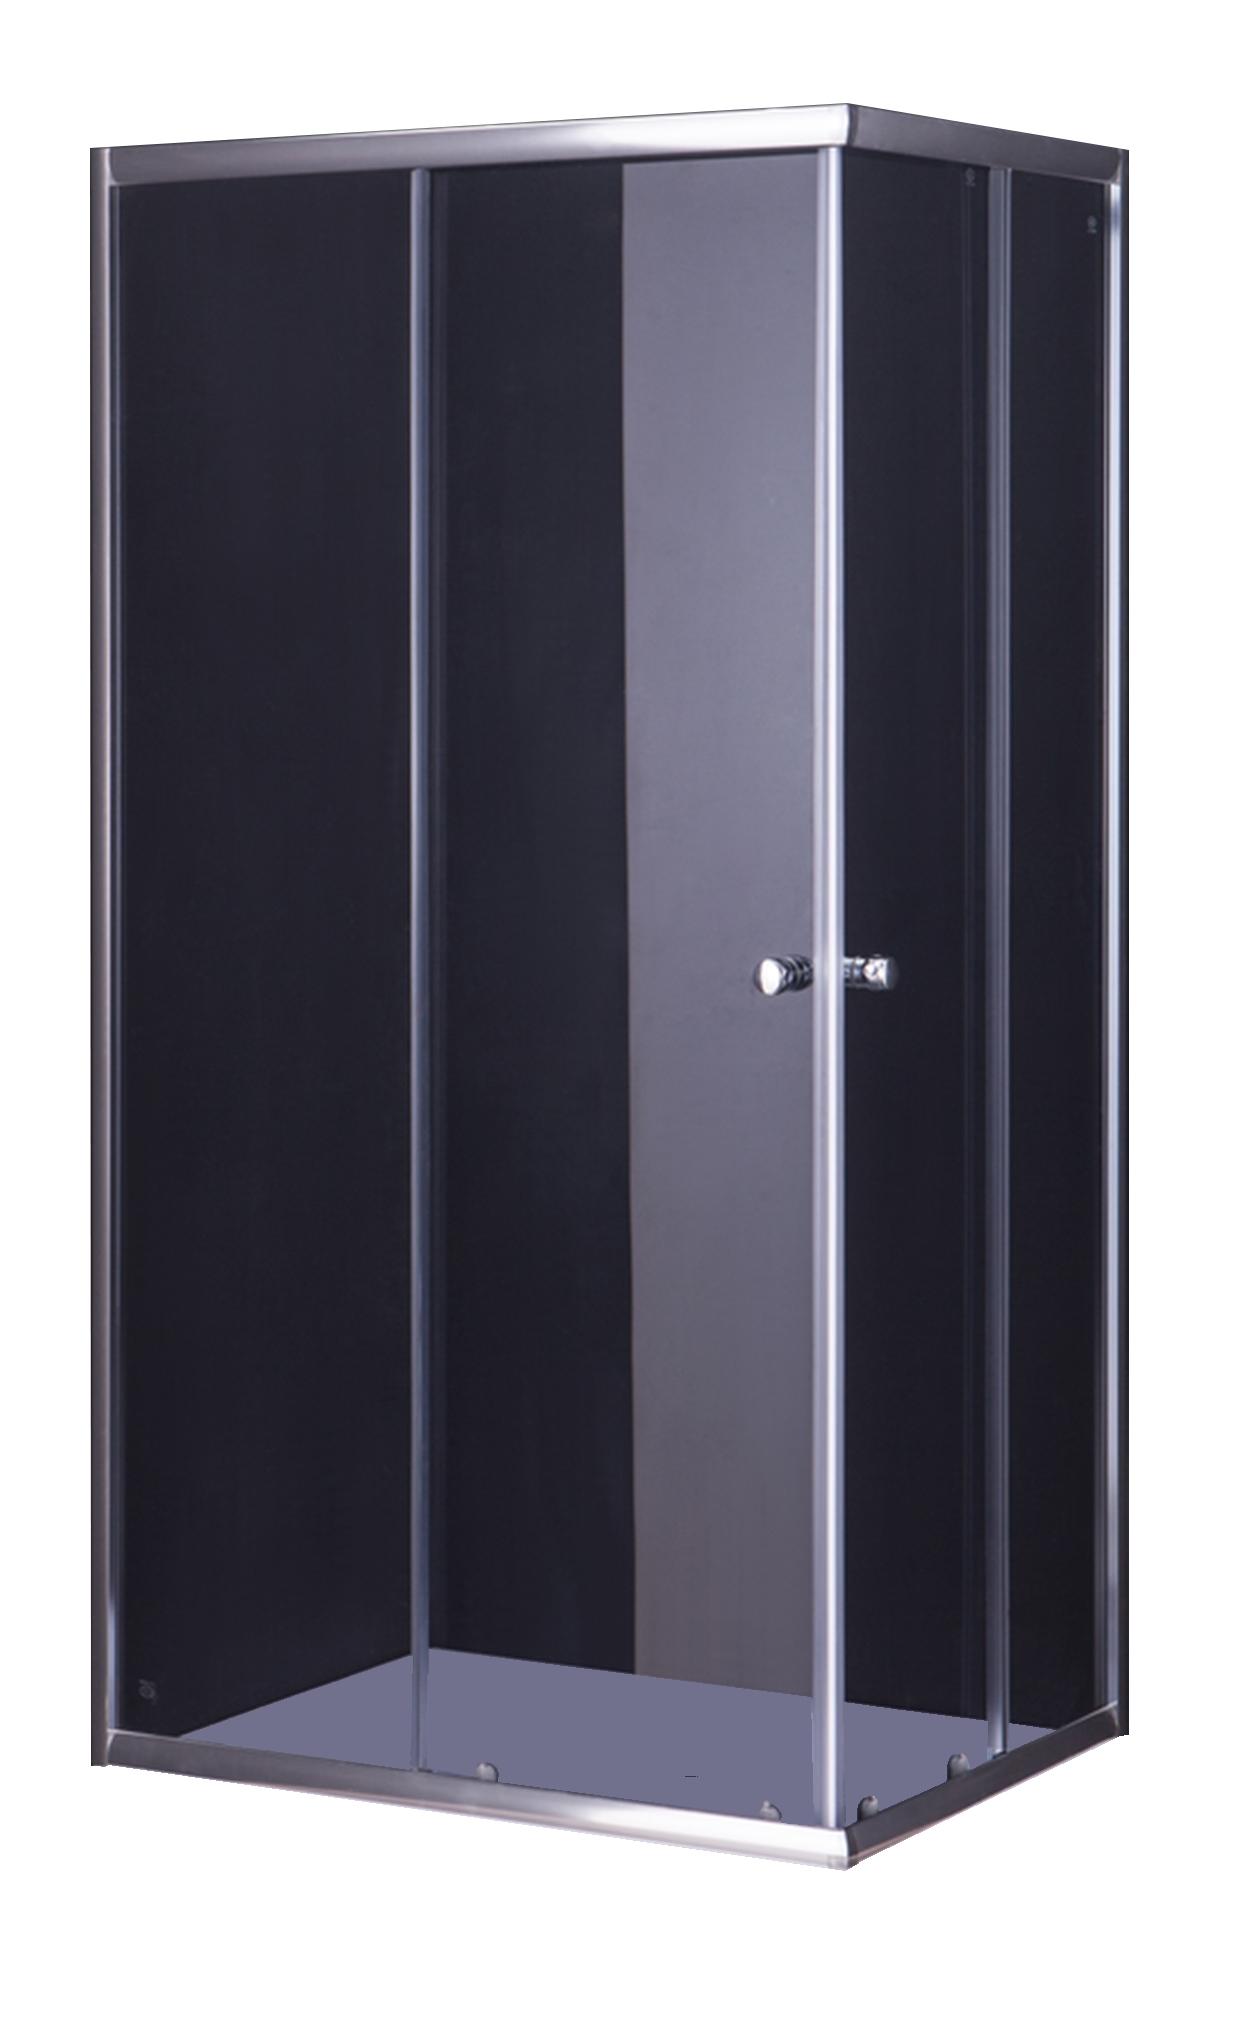 TRENTO 100x80 Well Sprchová zástěna obdélníková, skladem